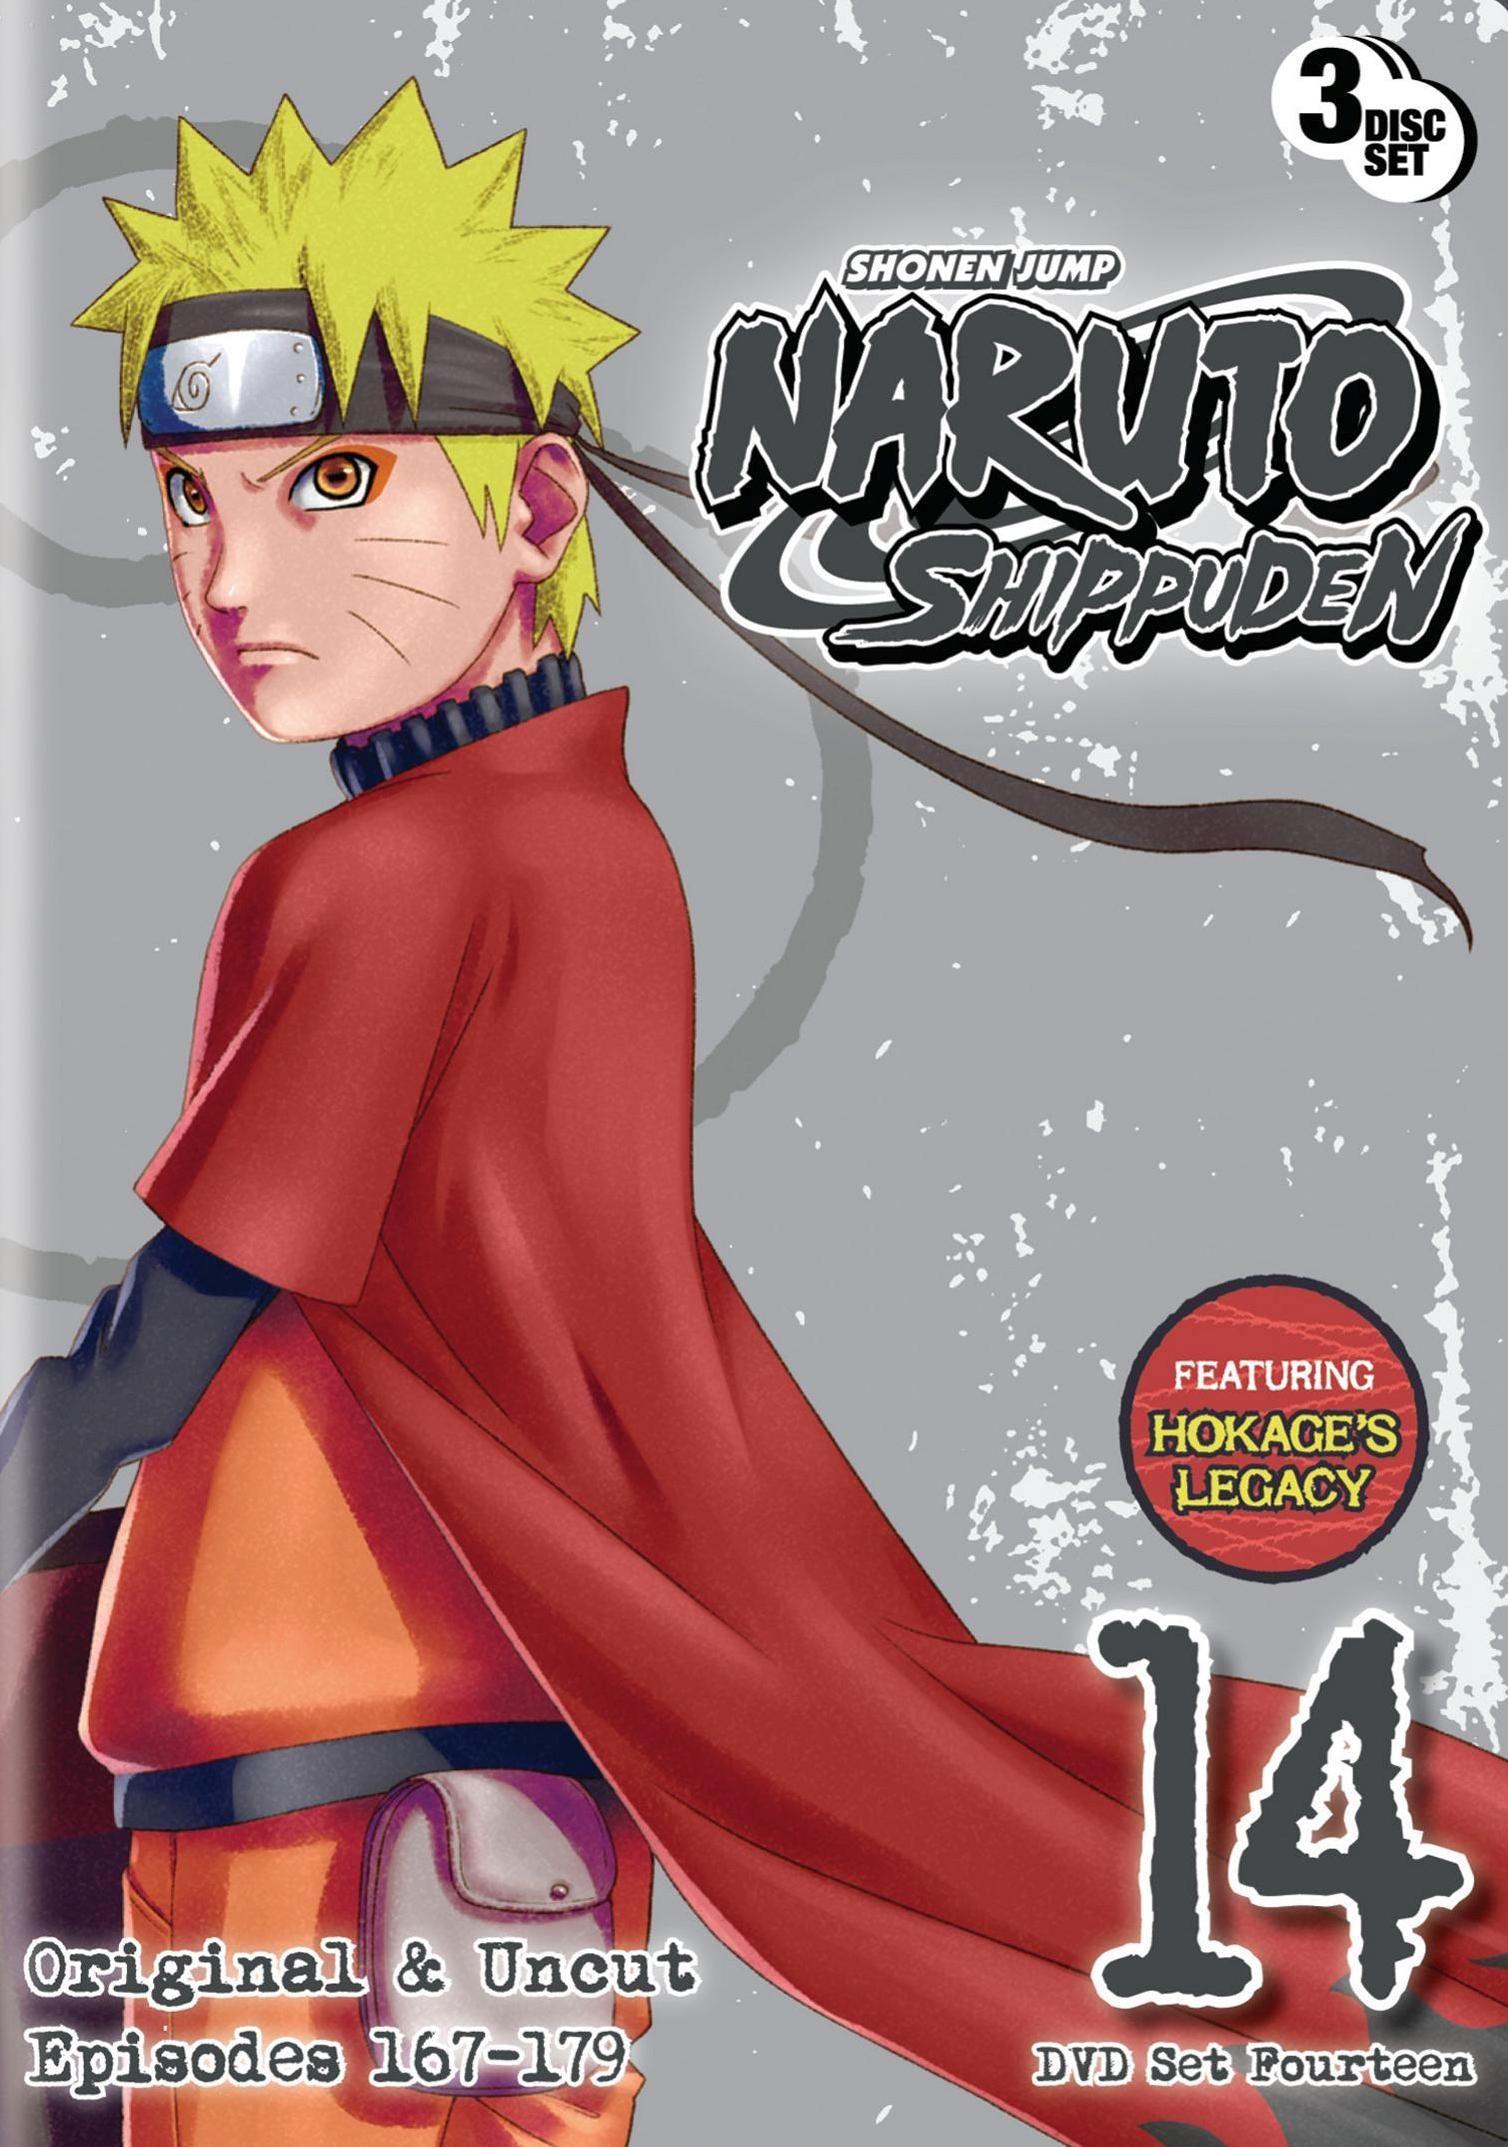 Naruto shippuden box set 14 boxset naruto naruto shippuden